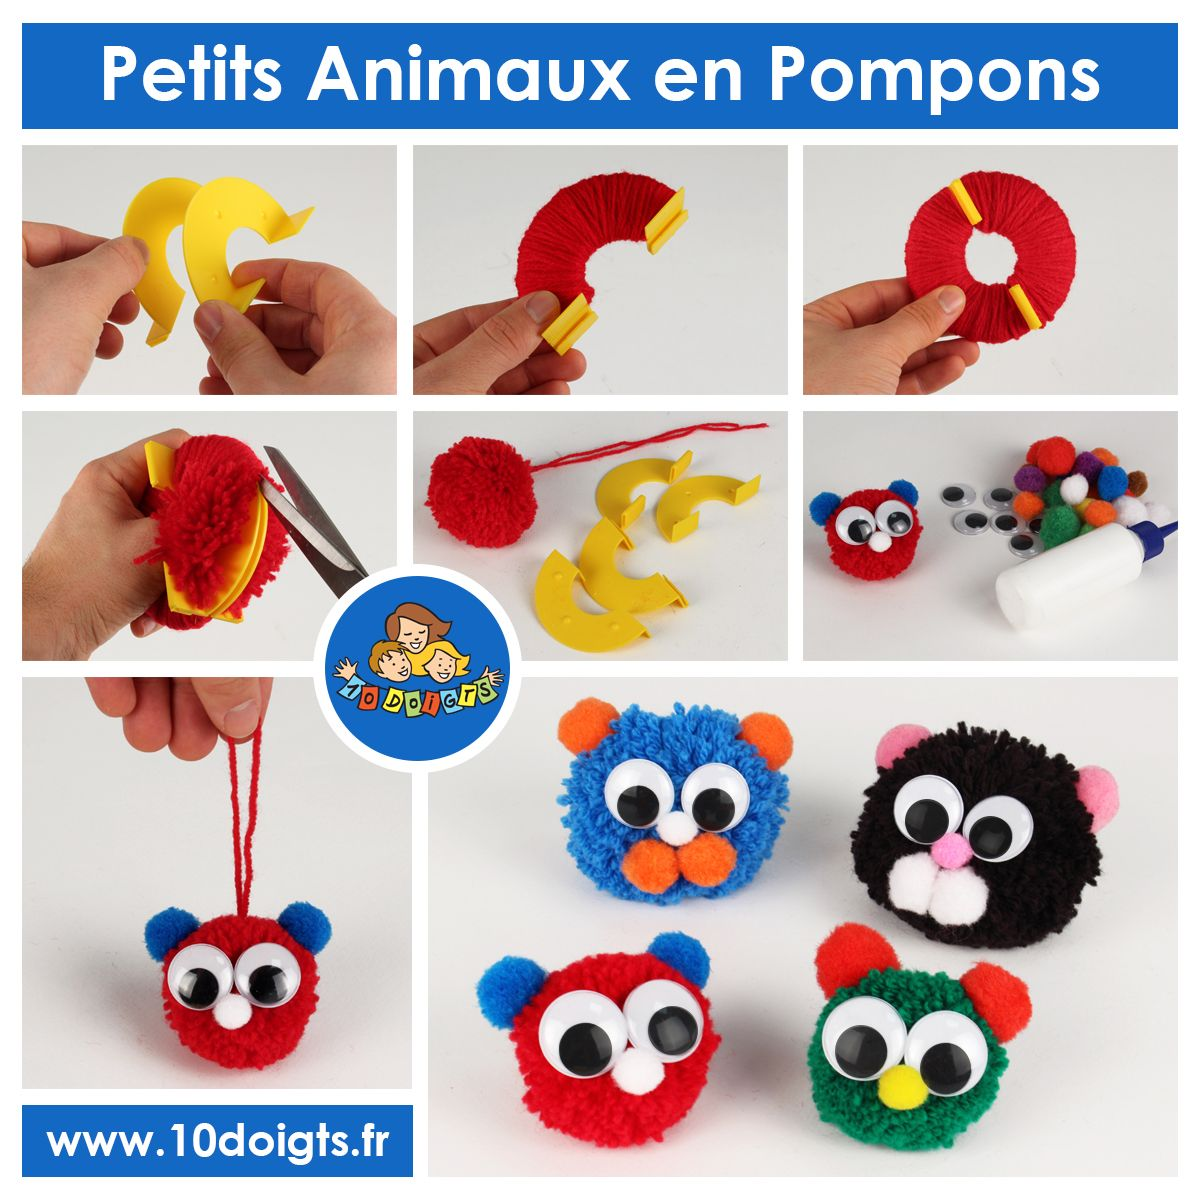 Fr animaux rigolos en pompons en cute animal pompoms - Activite pince a linge maternelle ...